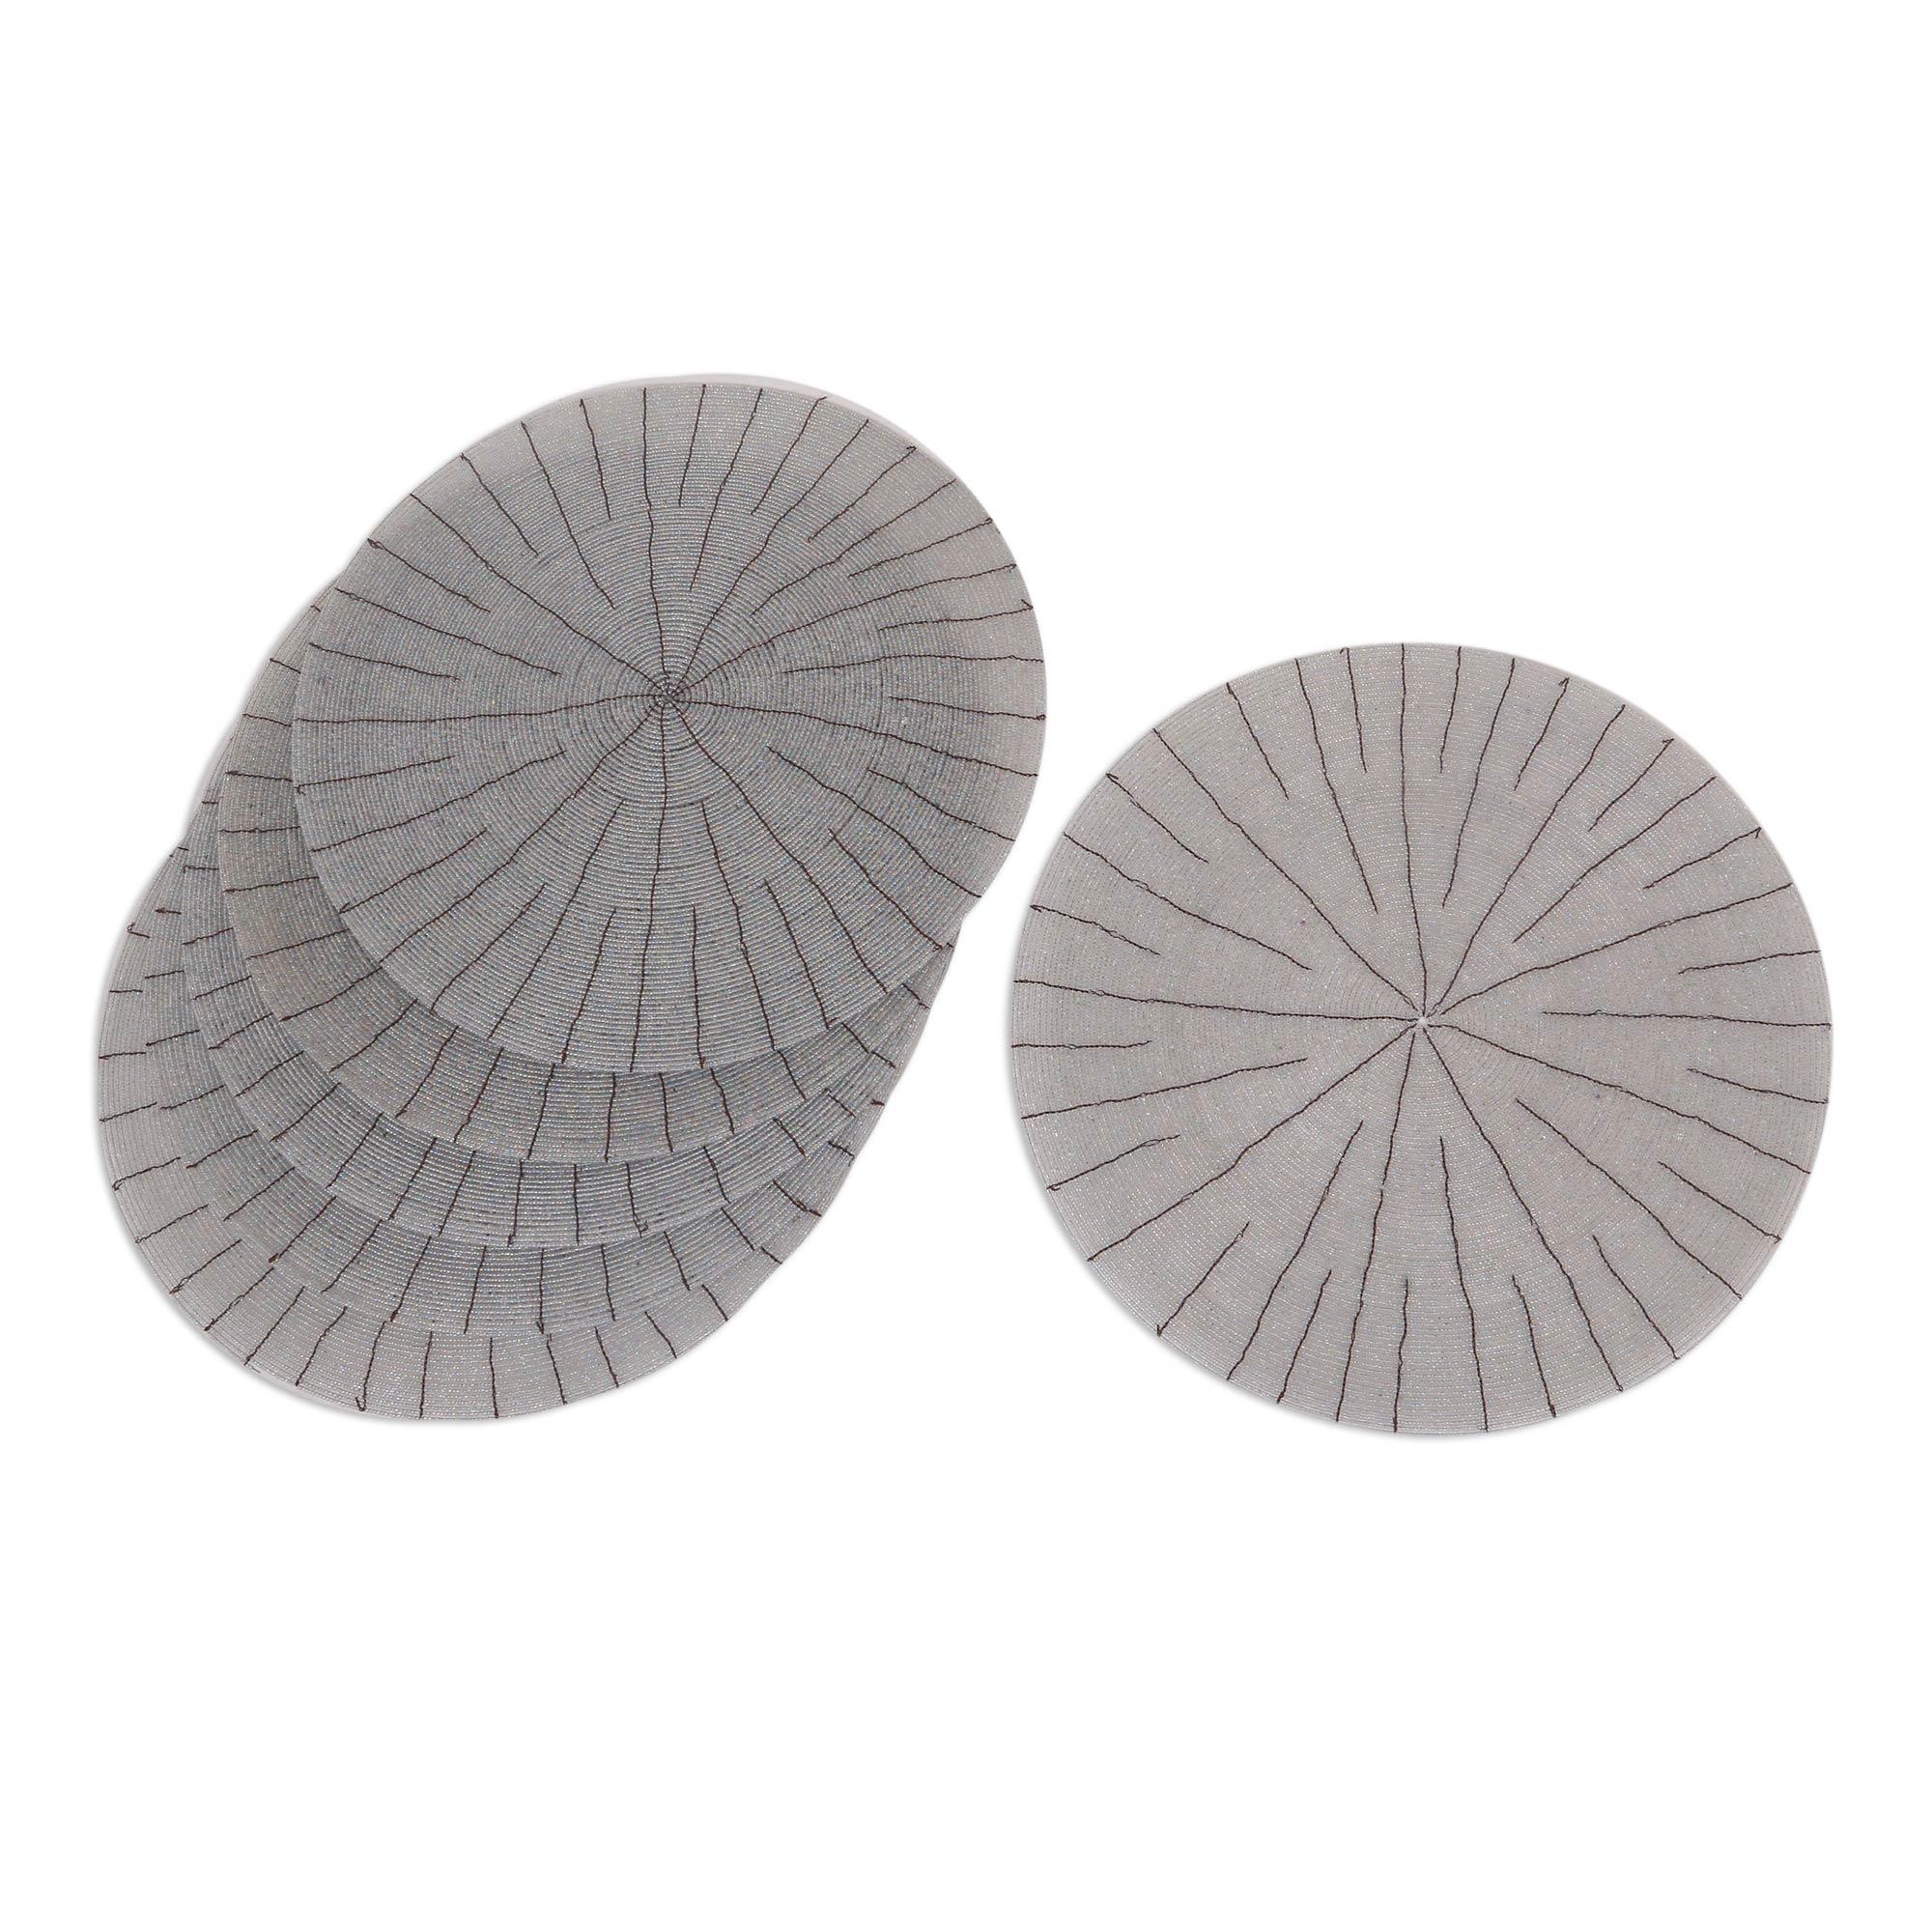 unicef uk market beaded placemats set of 6